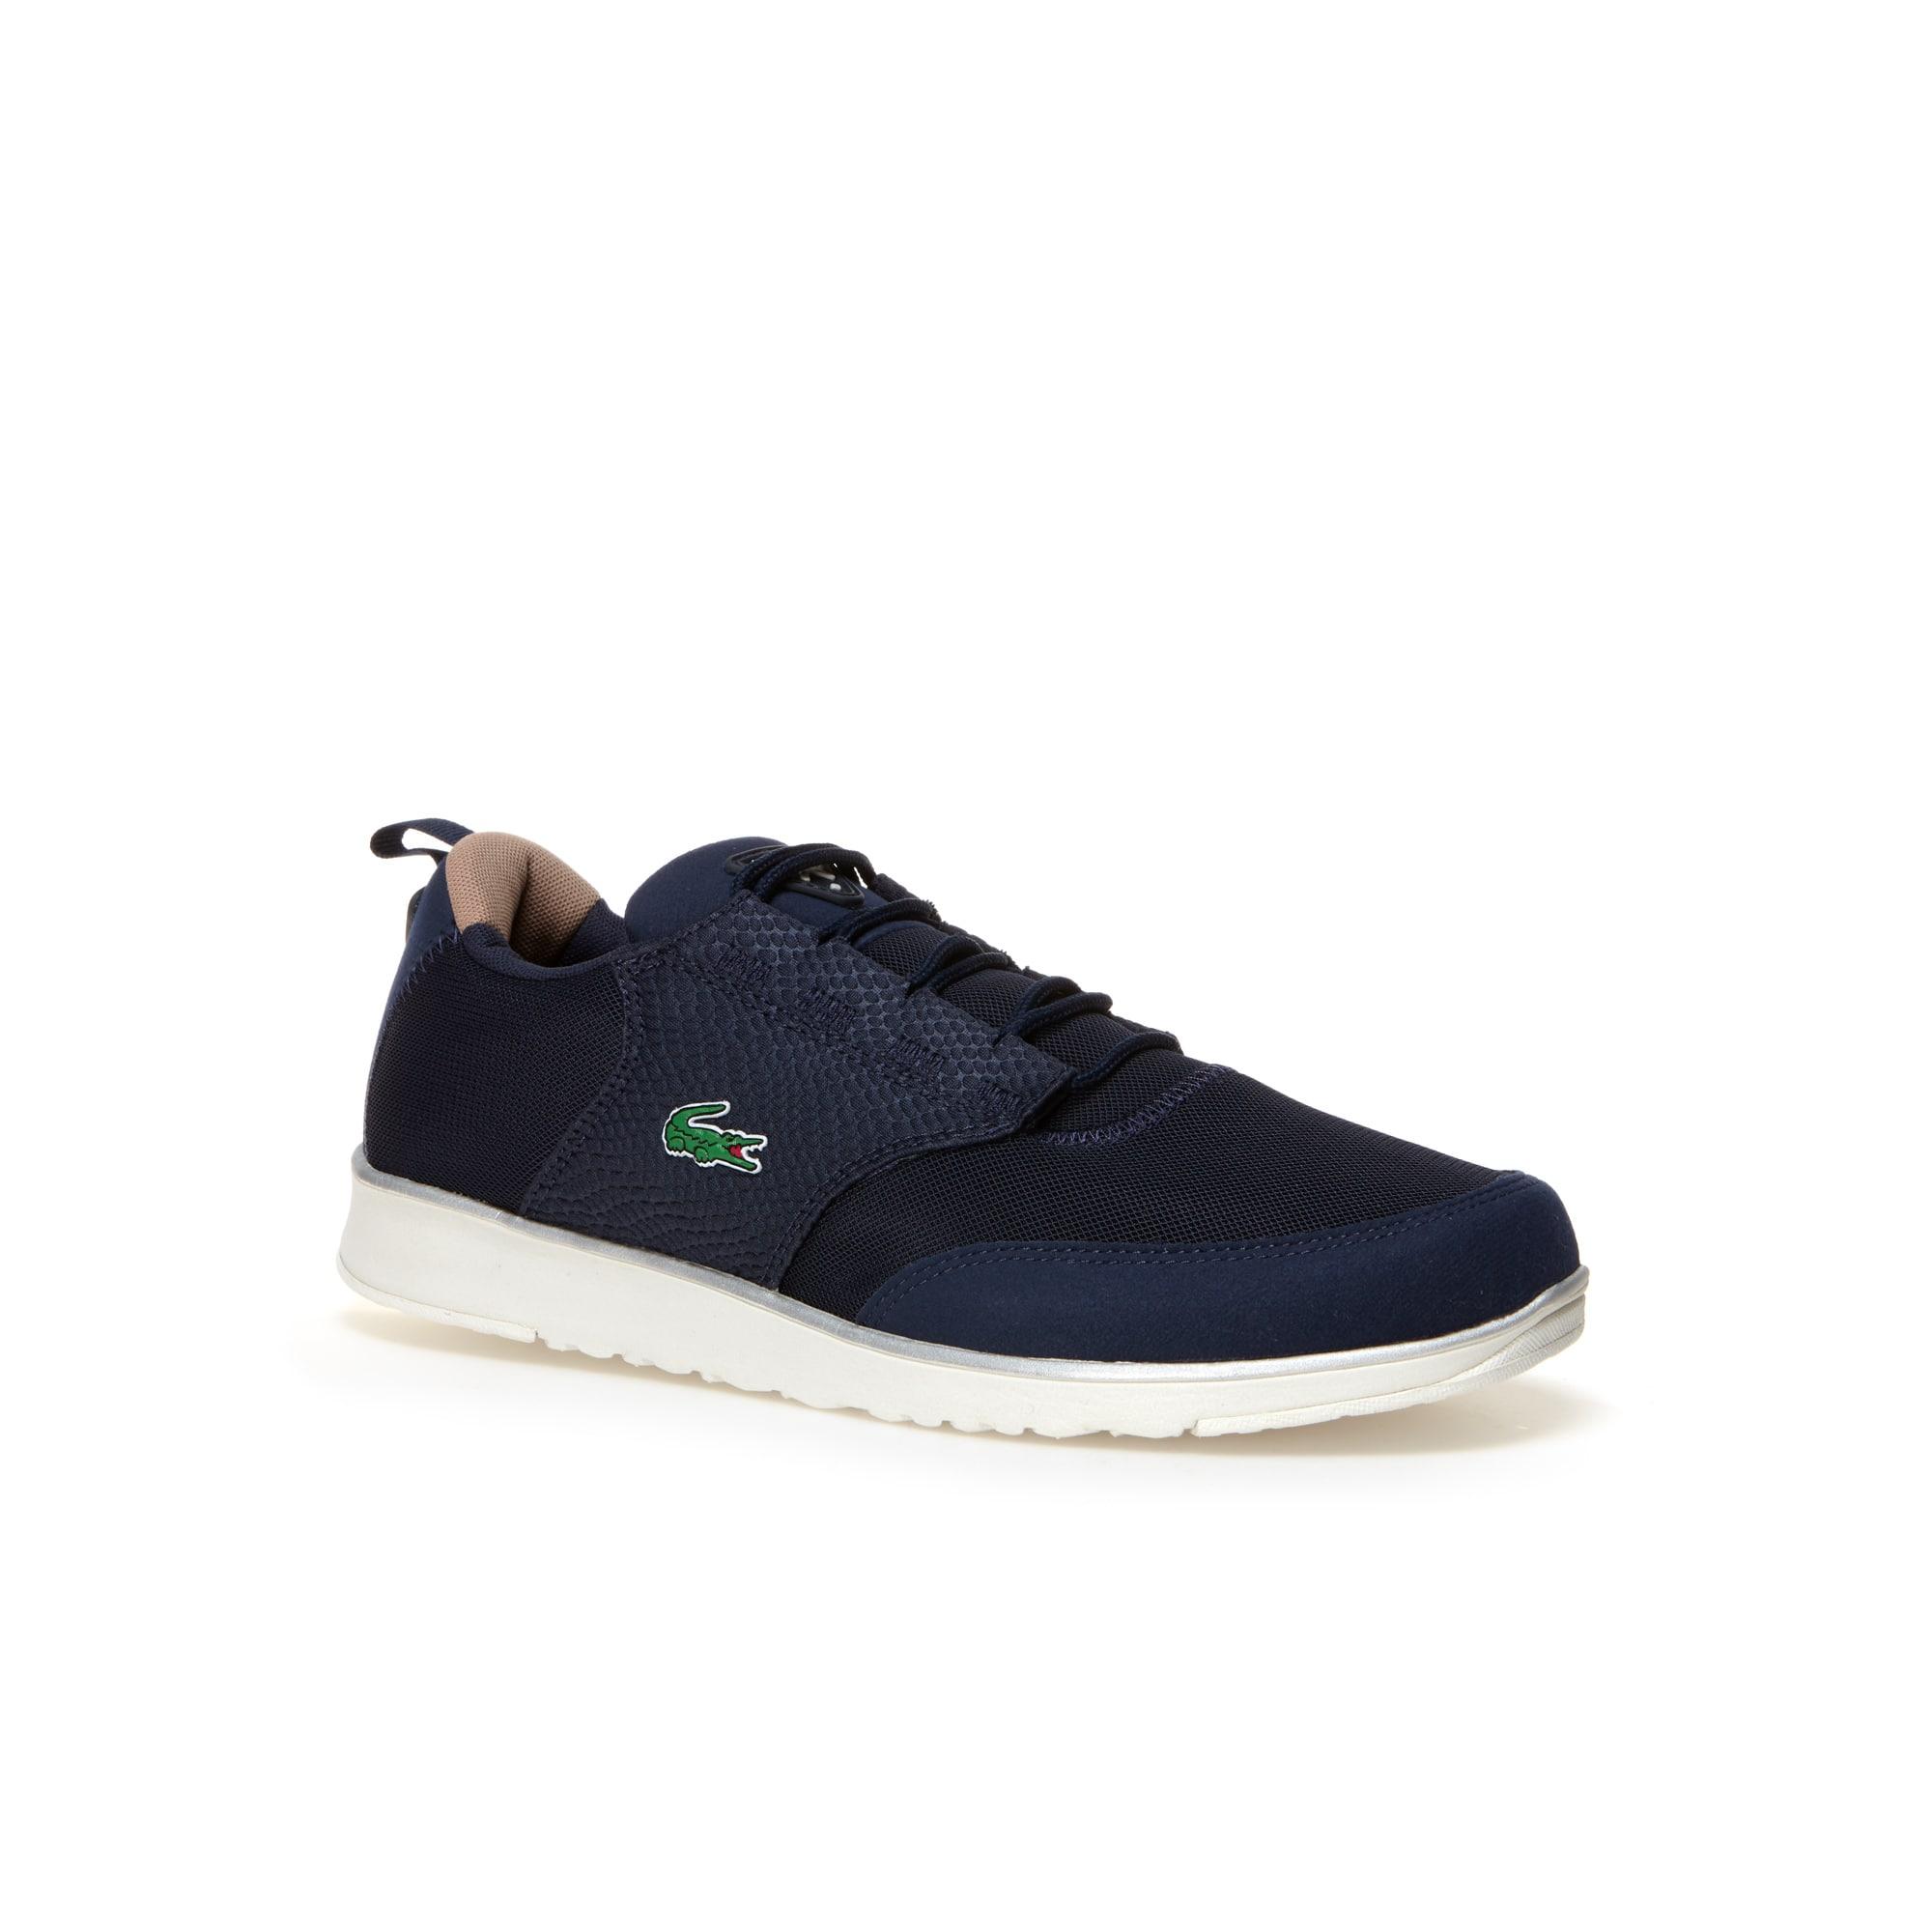 Sneakers L.ight en textile